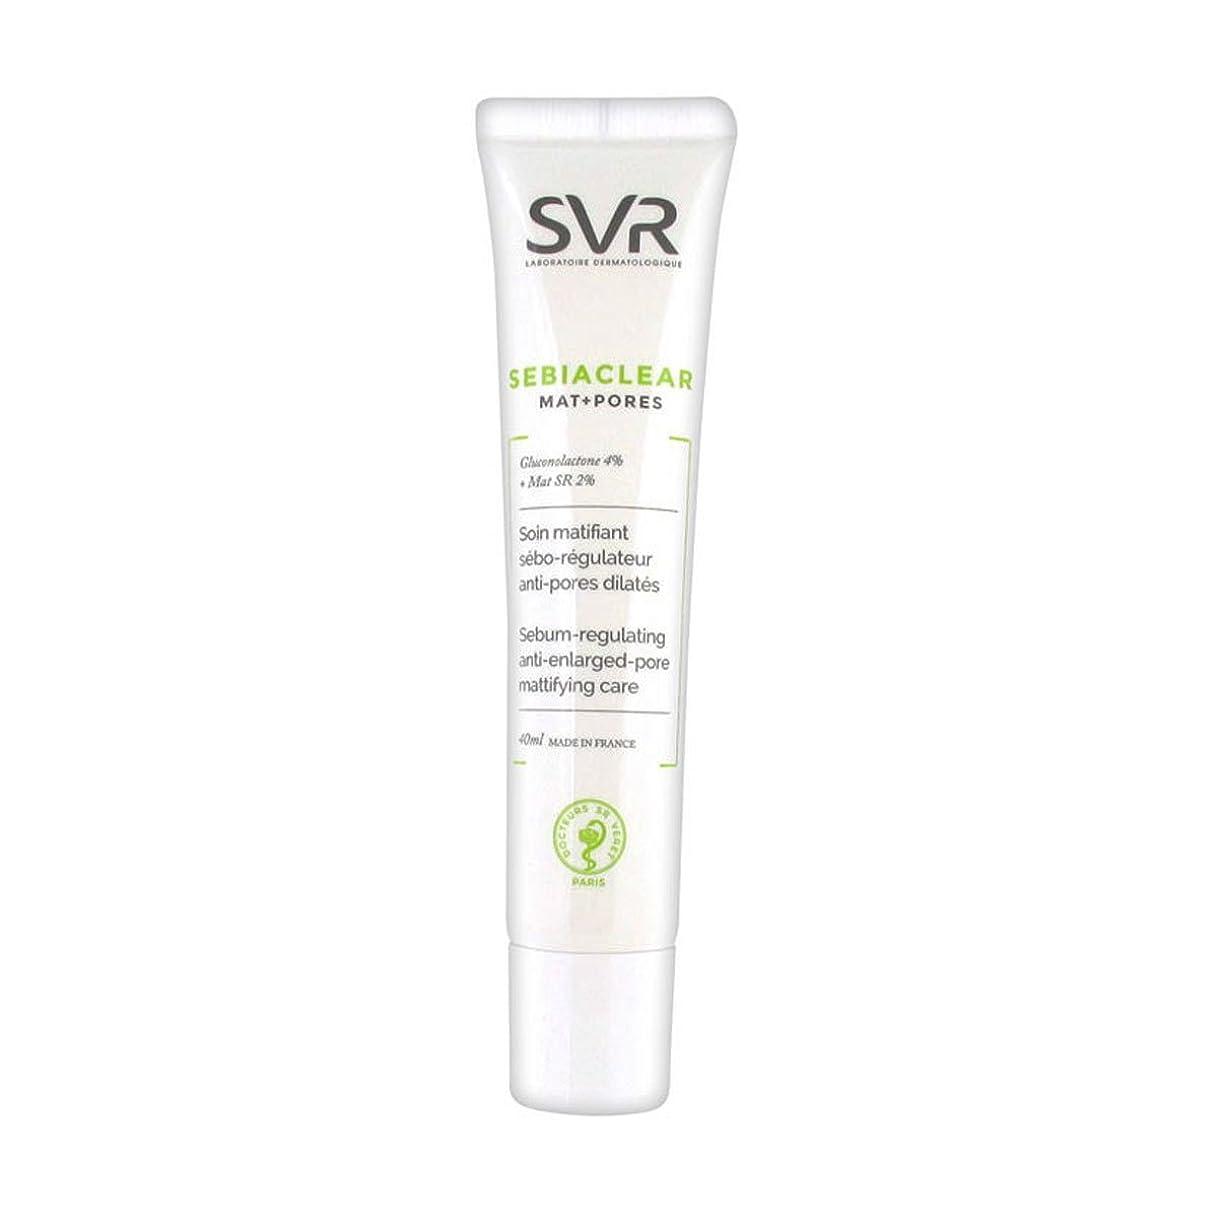 クラックギャラリー床Svr Sebiaclear Mat+pores 40ml [並行輸入品]